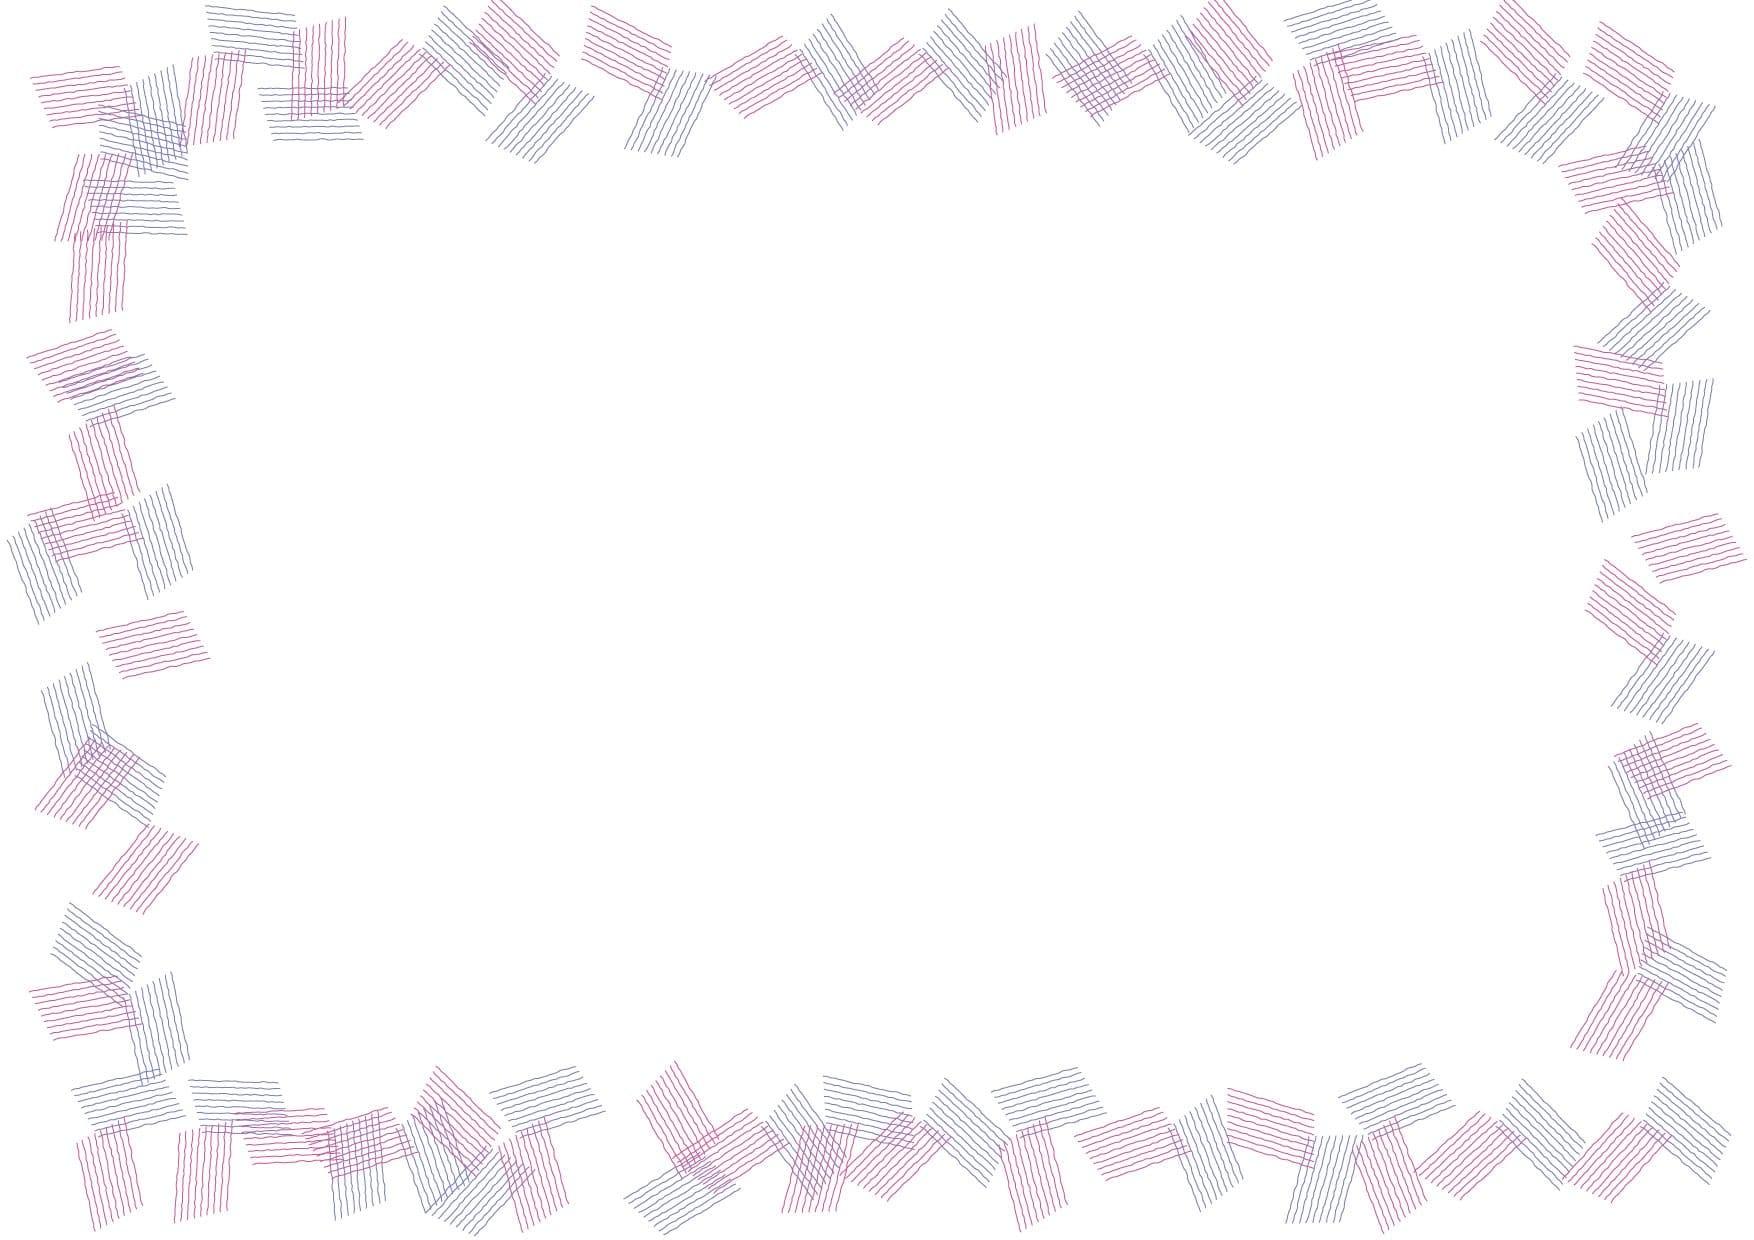 可愛いイラスト無料|背景 シンプル フレーム 紫色 − free illustration  Background simple frame purple